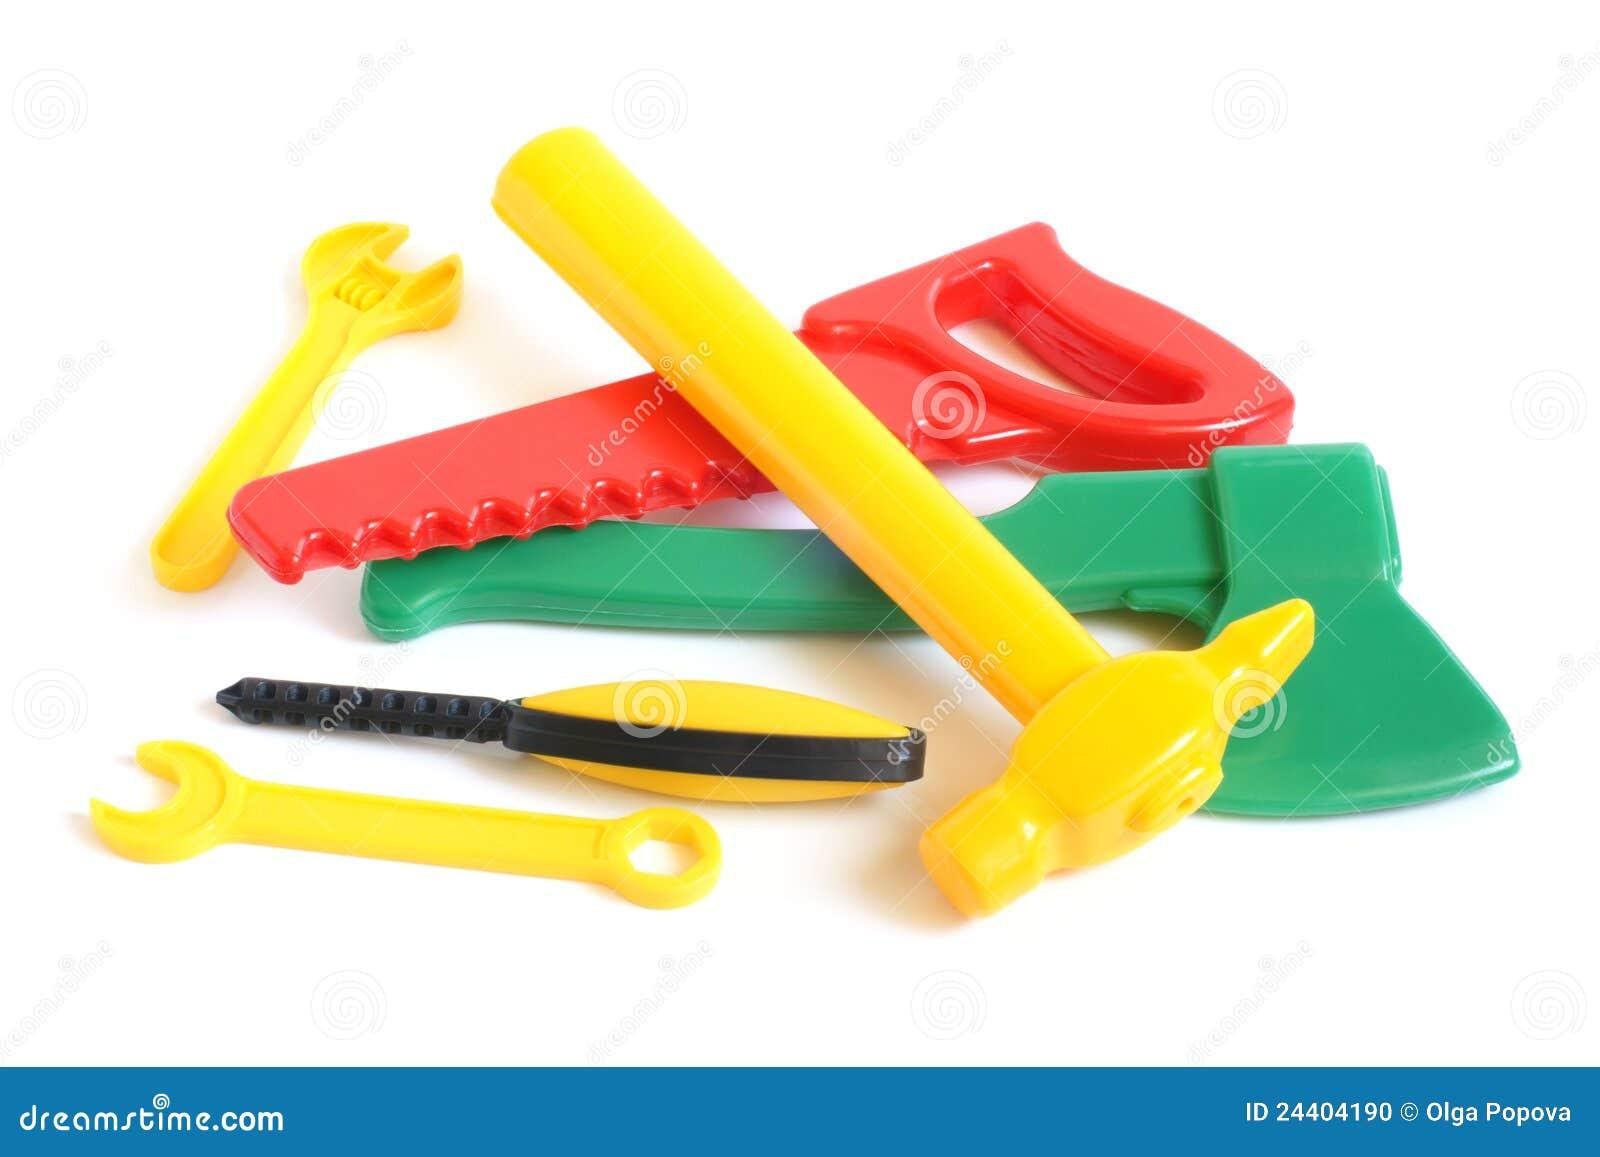 Plastic Tool Toys 100